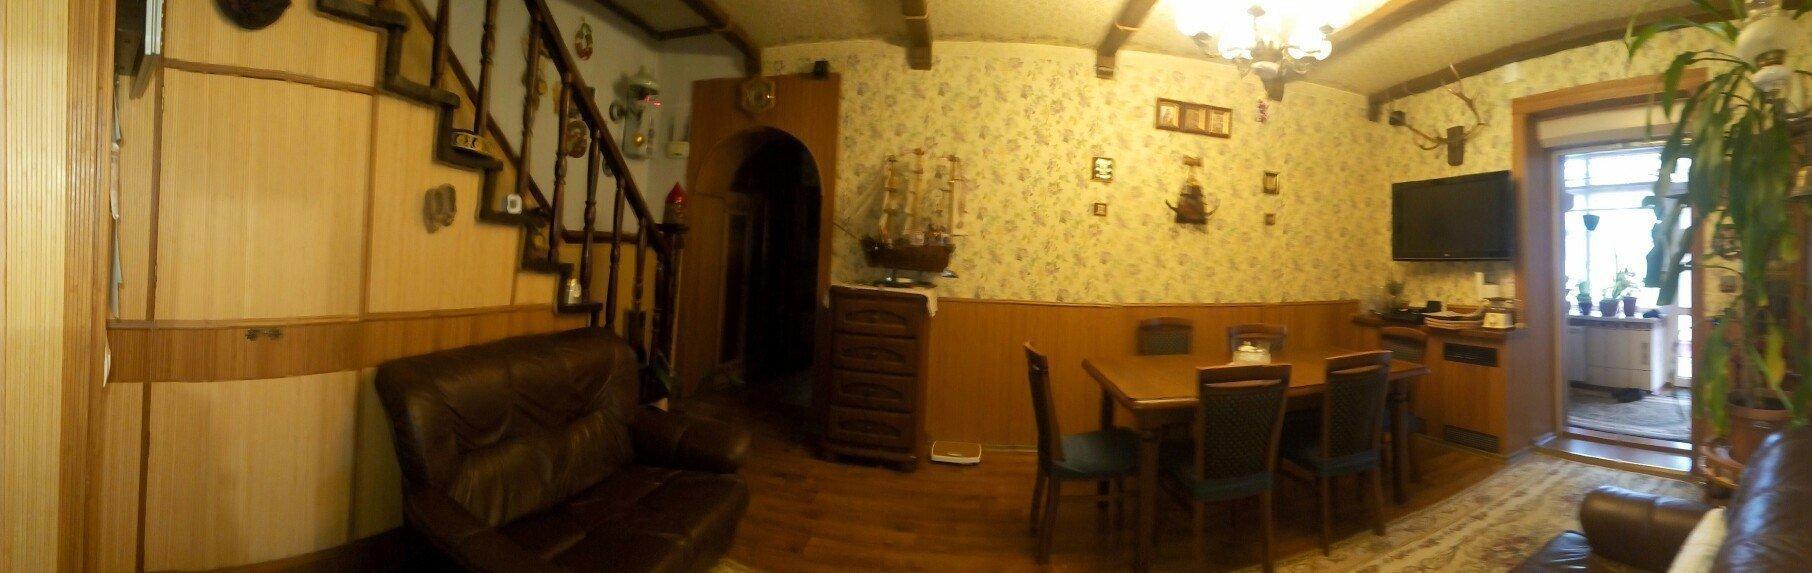 Фото: Продам дом в городе Донецк. Объявление № 5666